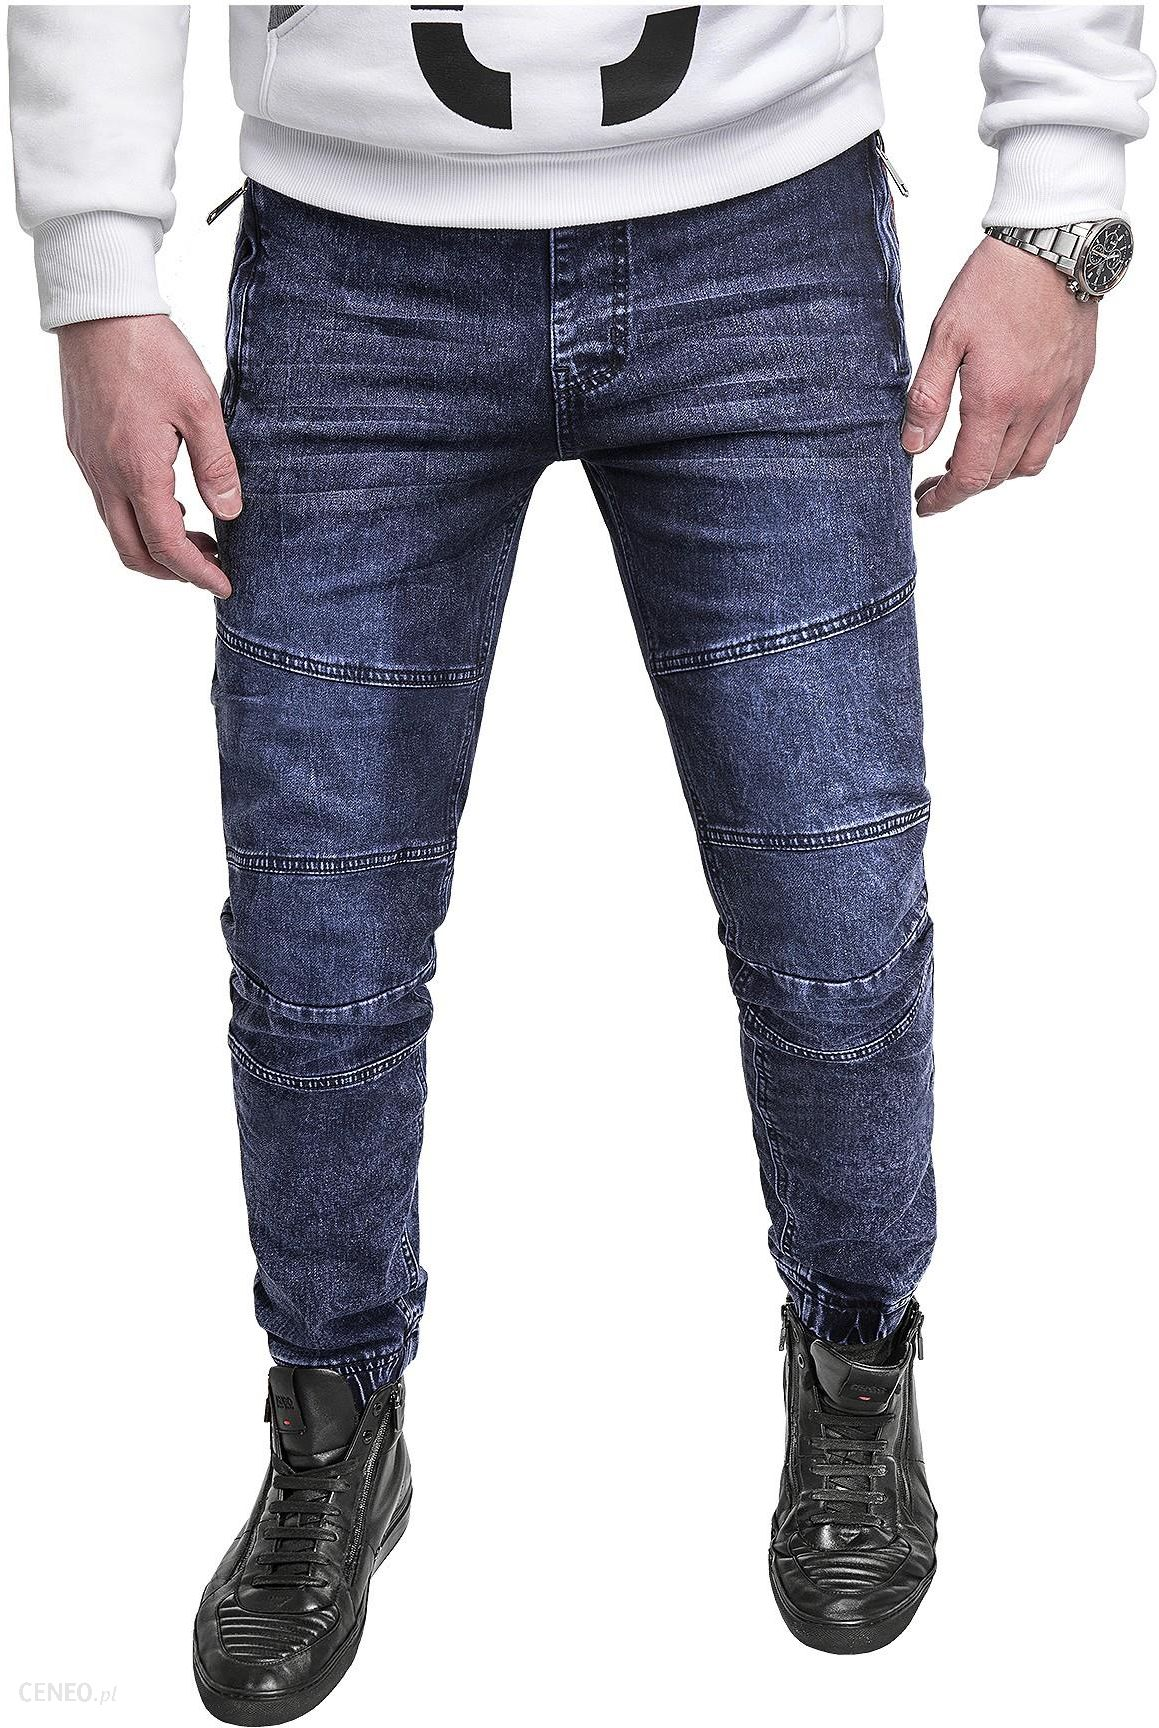 Risardi Spodnie jeansowe męskie joggery HY-559- niebieskie